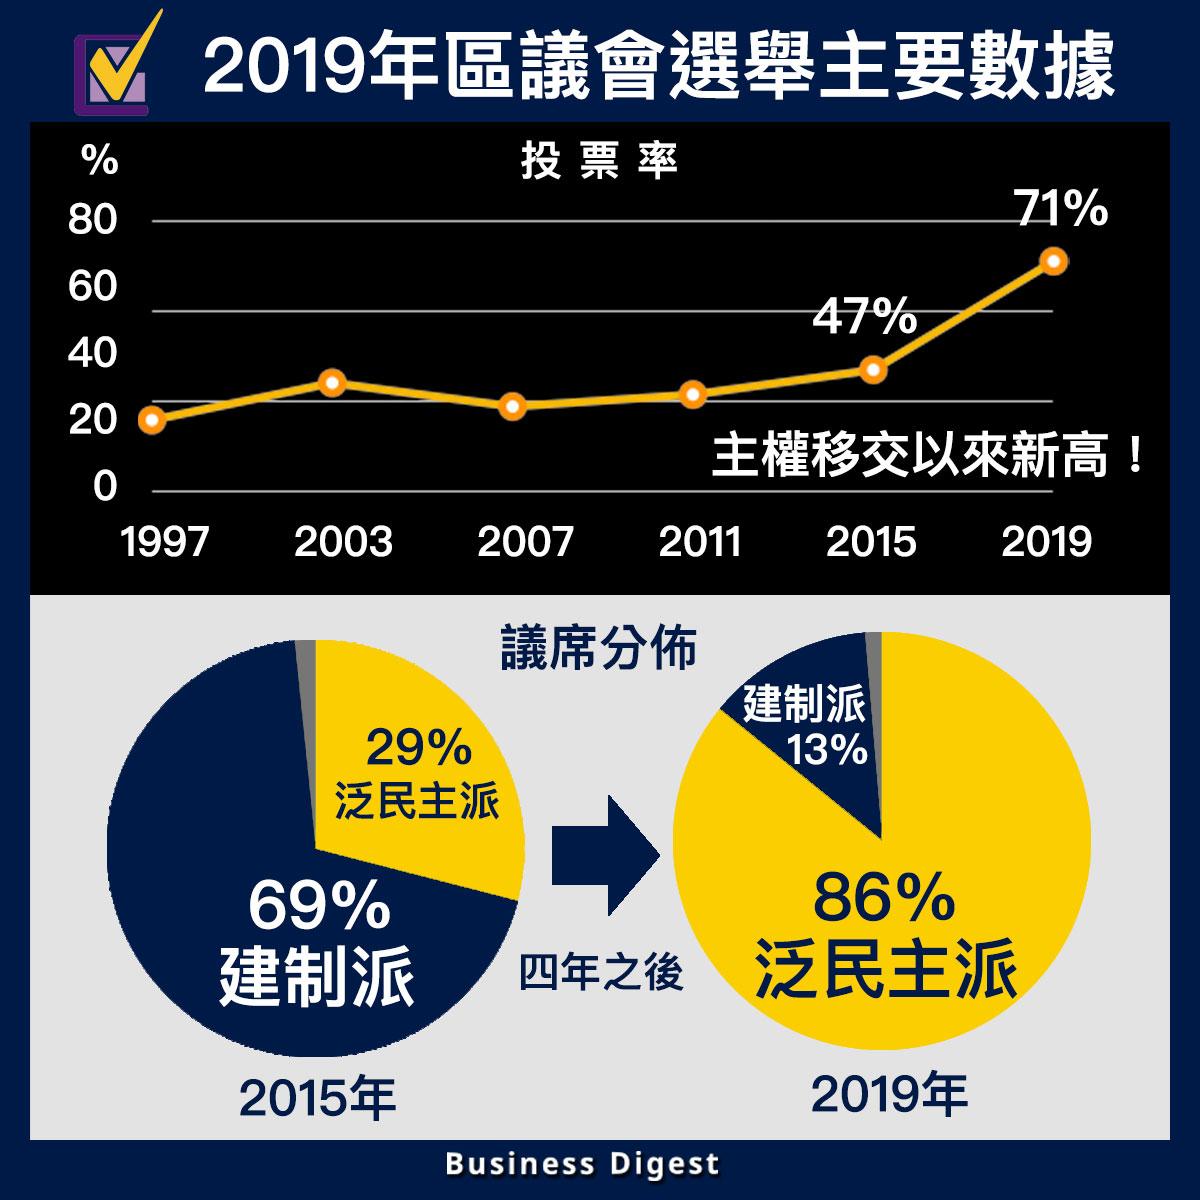 【商業熱話】2019年區議會選舉主要數據